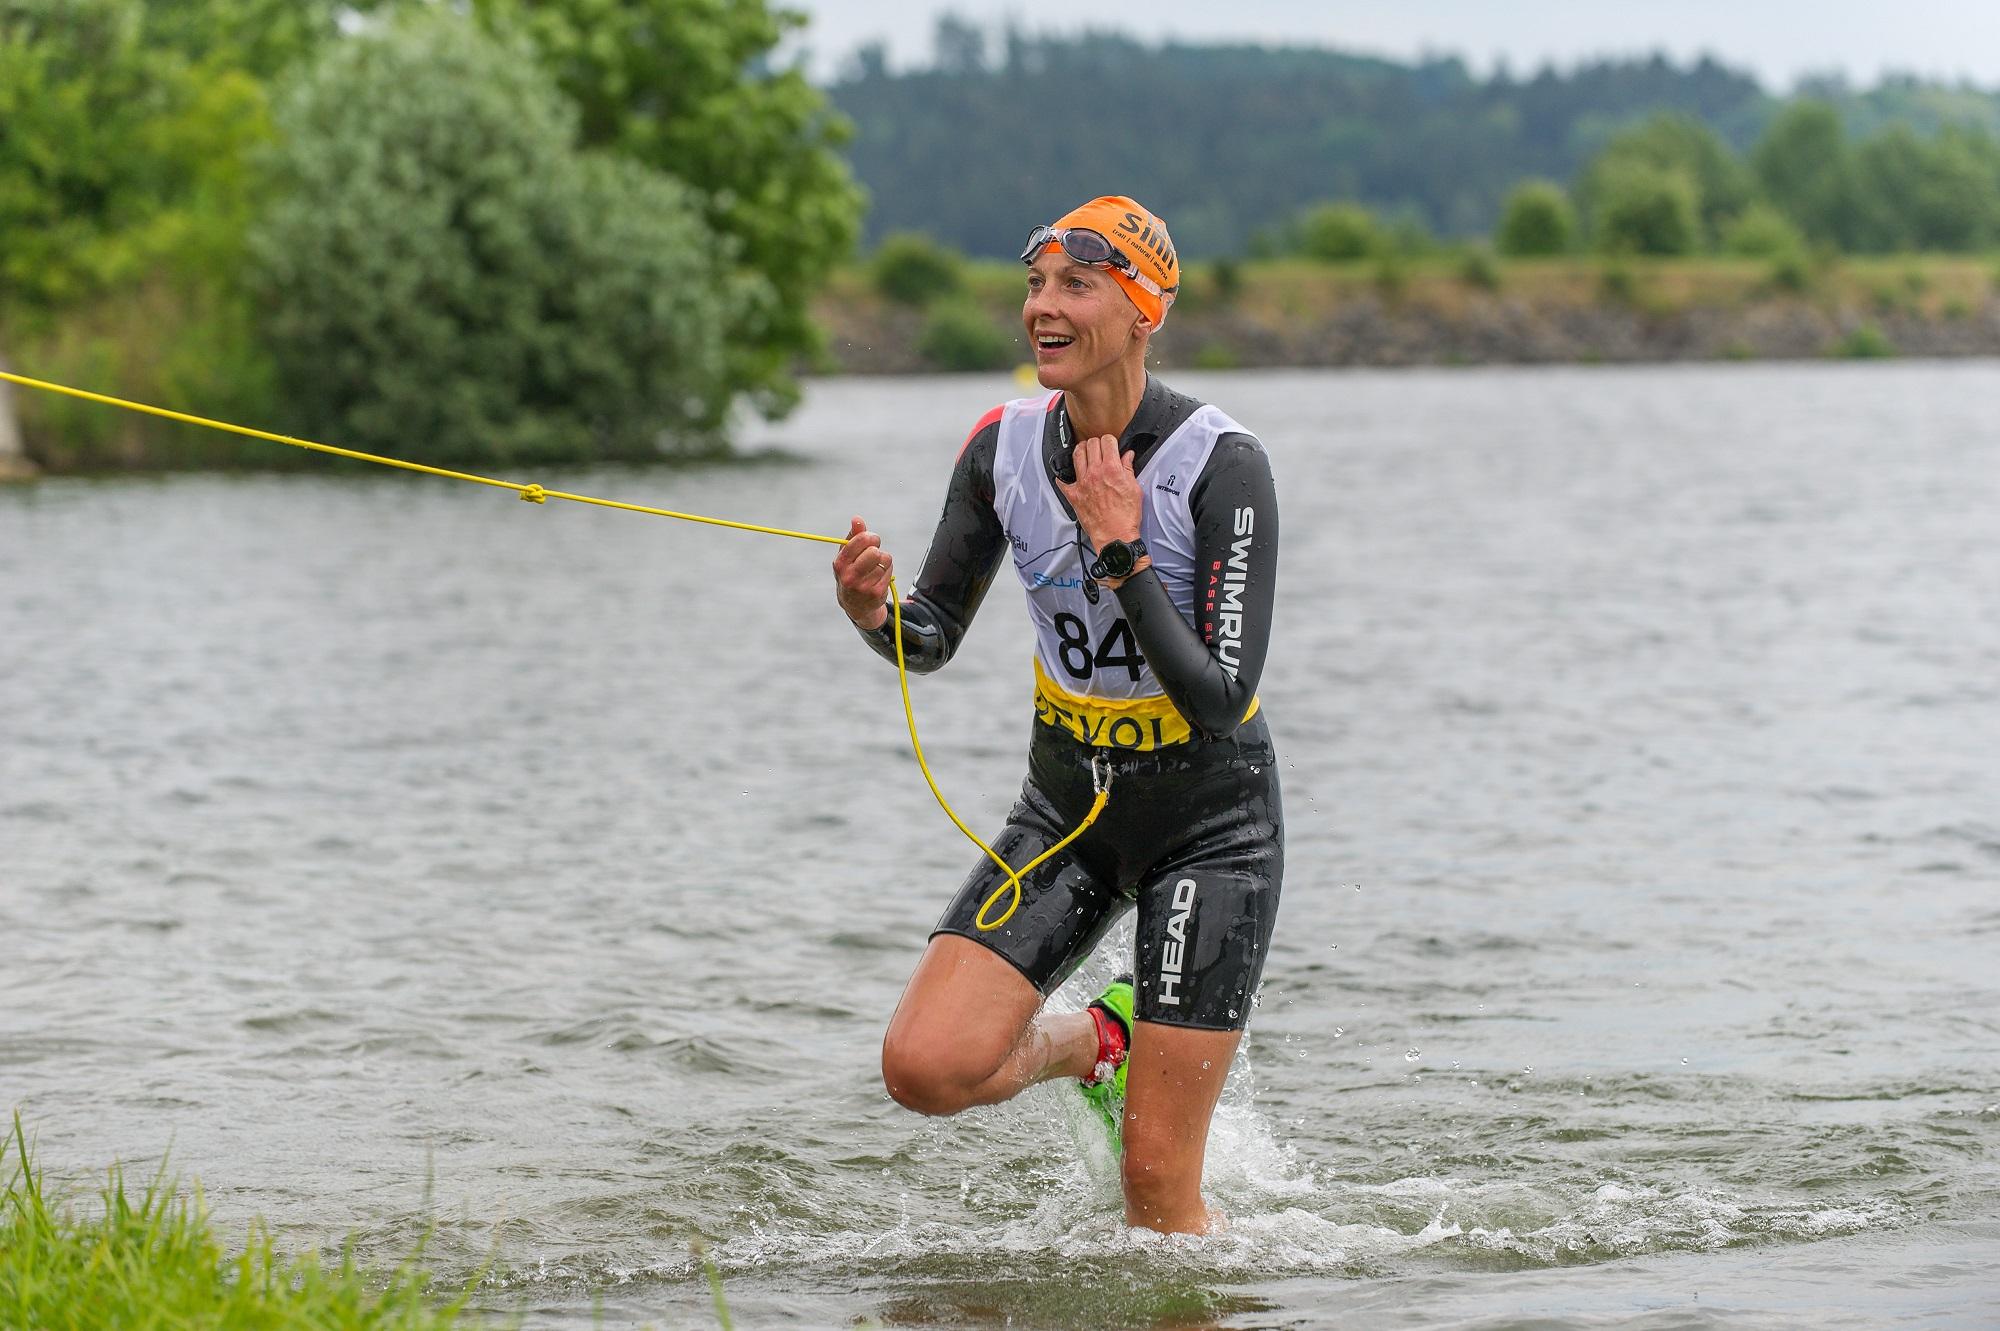 SwimRun Hof 2018 Ambassador Team im Rennen - Foto: Andreas Geisser